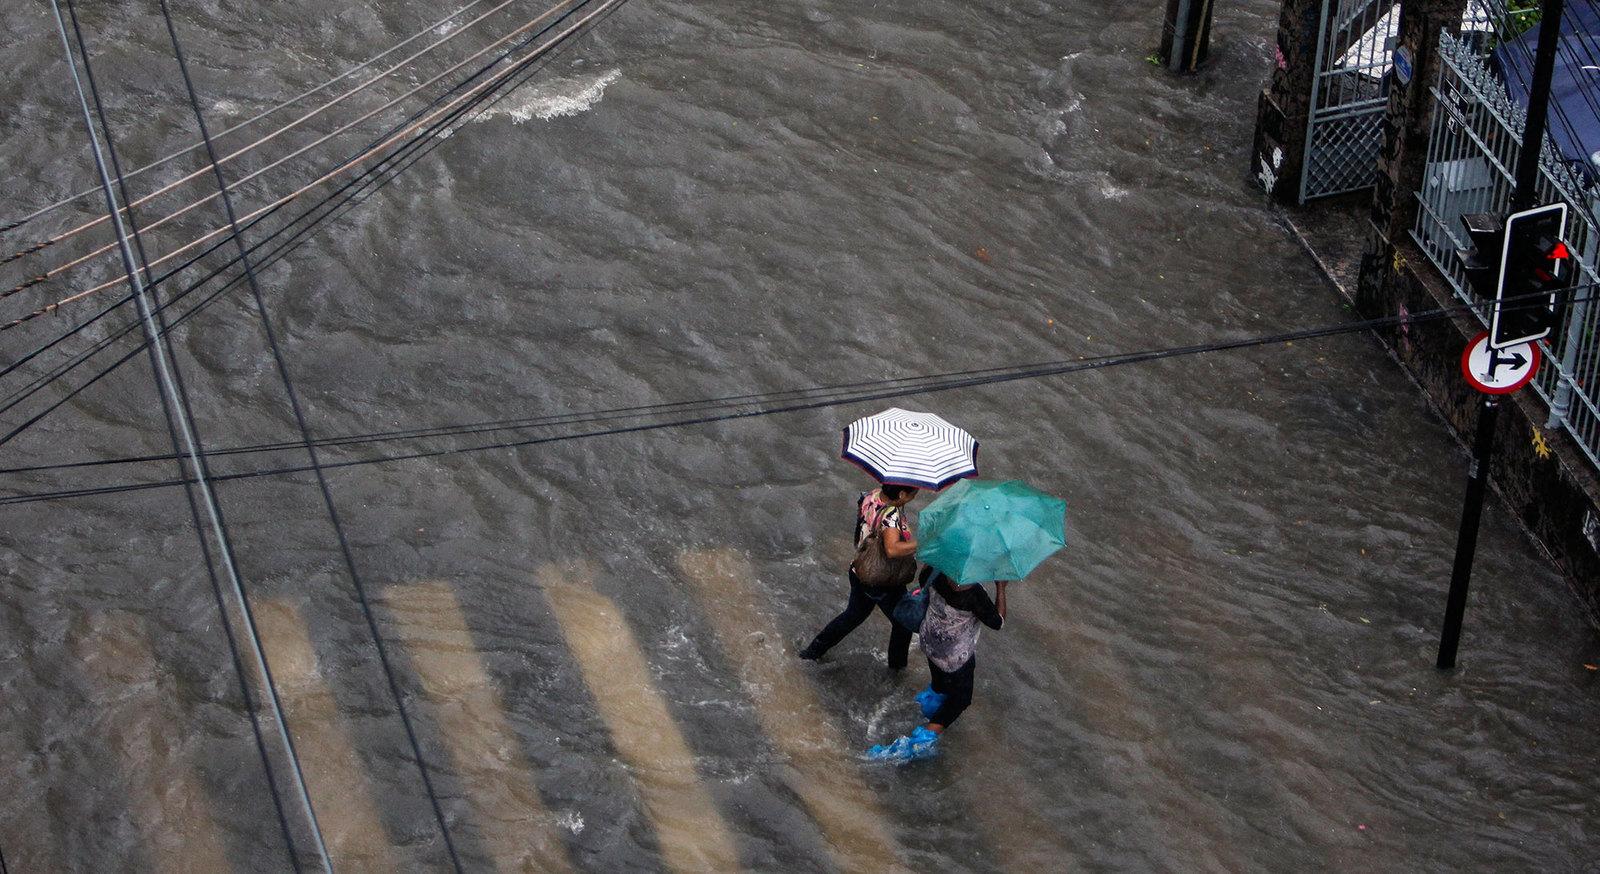 Столицу Олимпийских игр накрыл шторм, проезжие части в некоторых районах затоплены